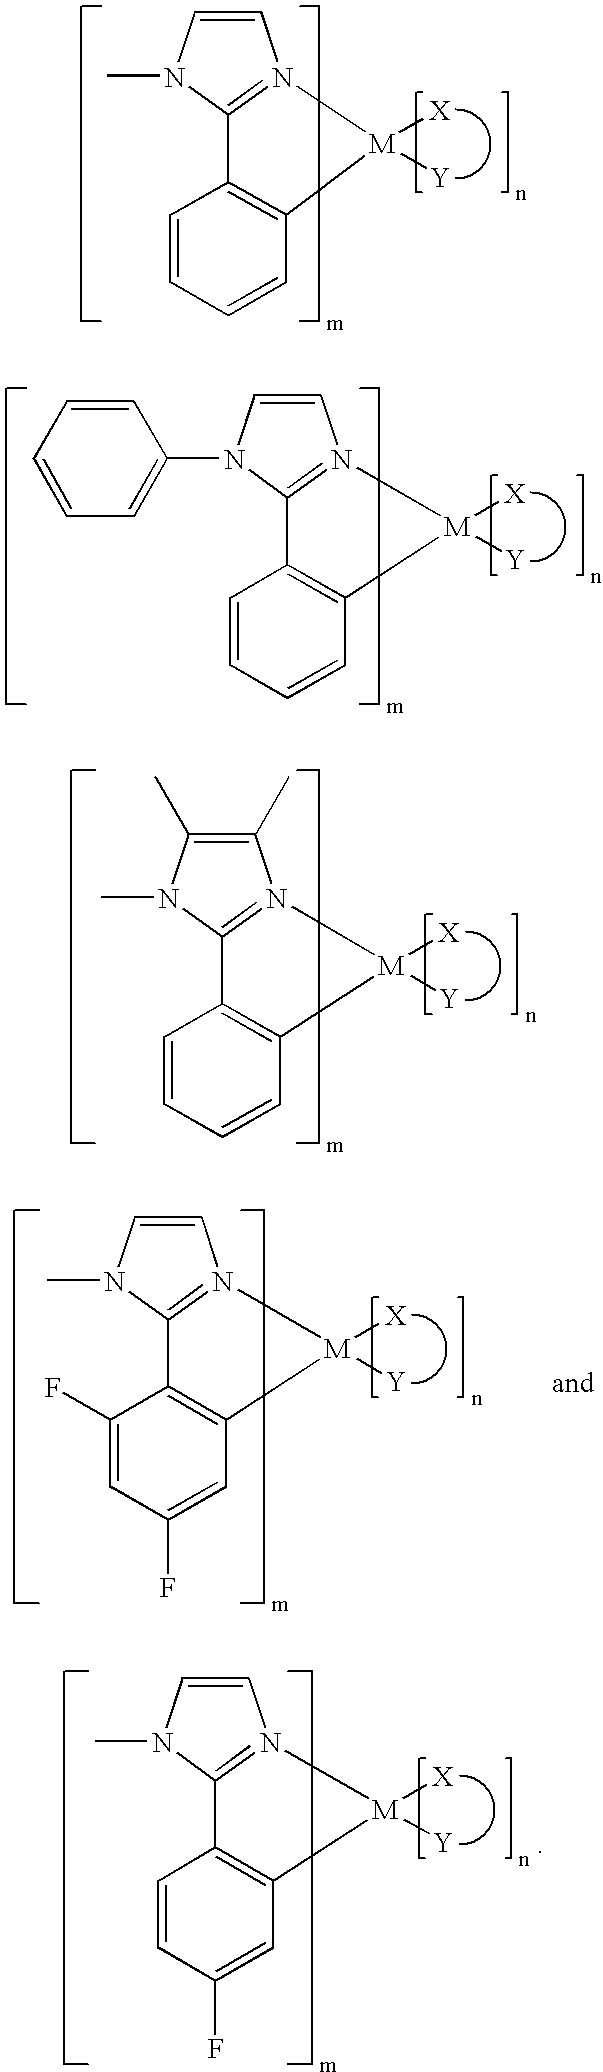 Figure US20060008670A1-20060112-C00012